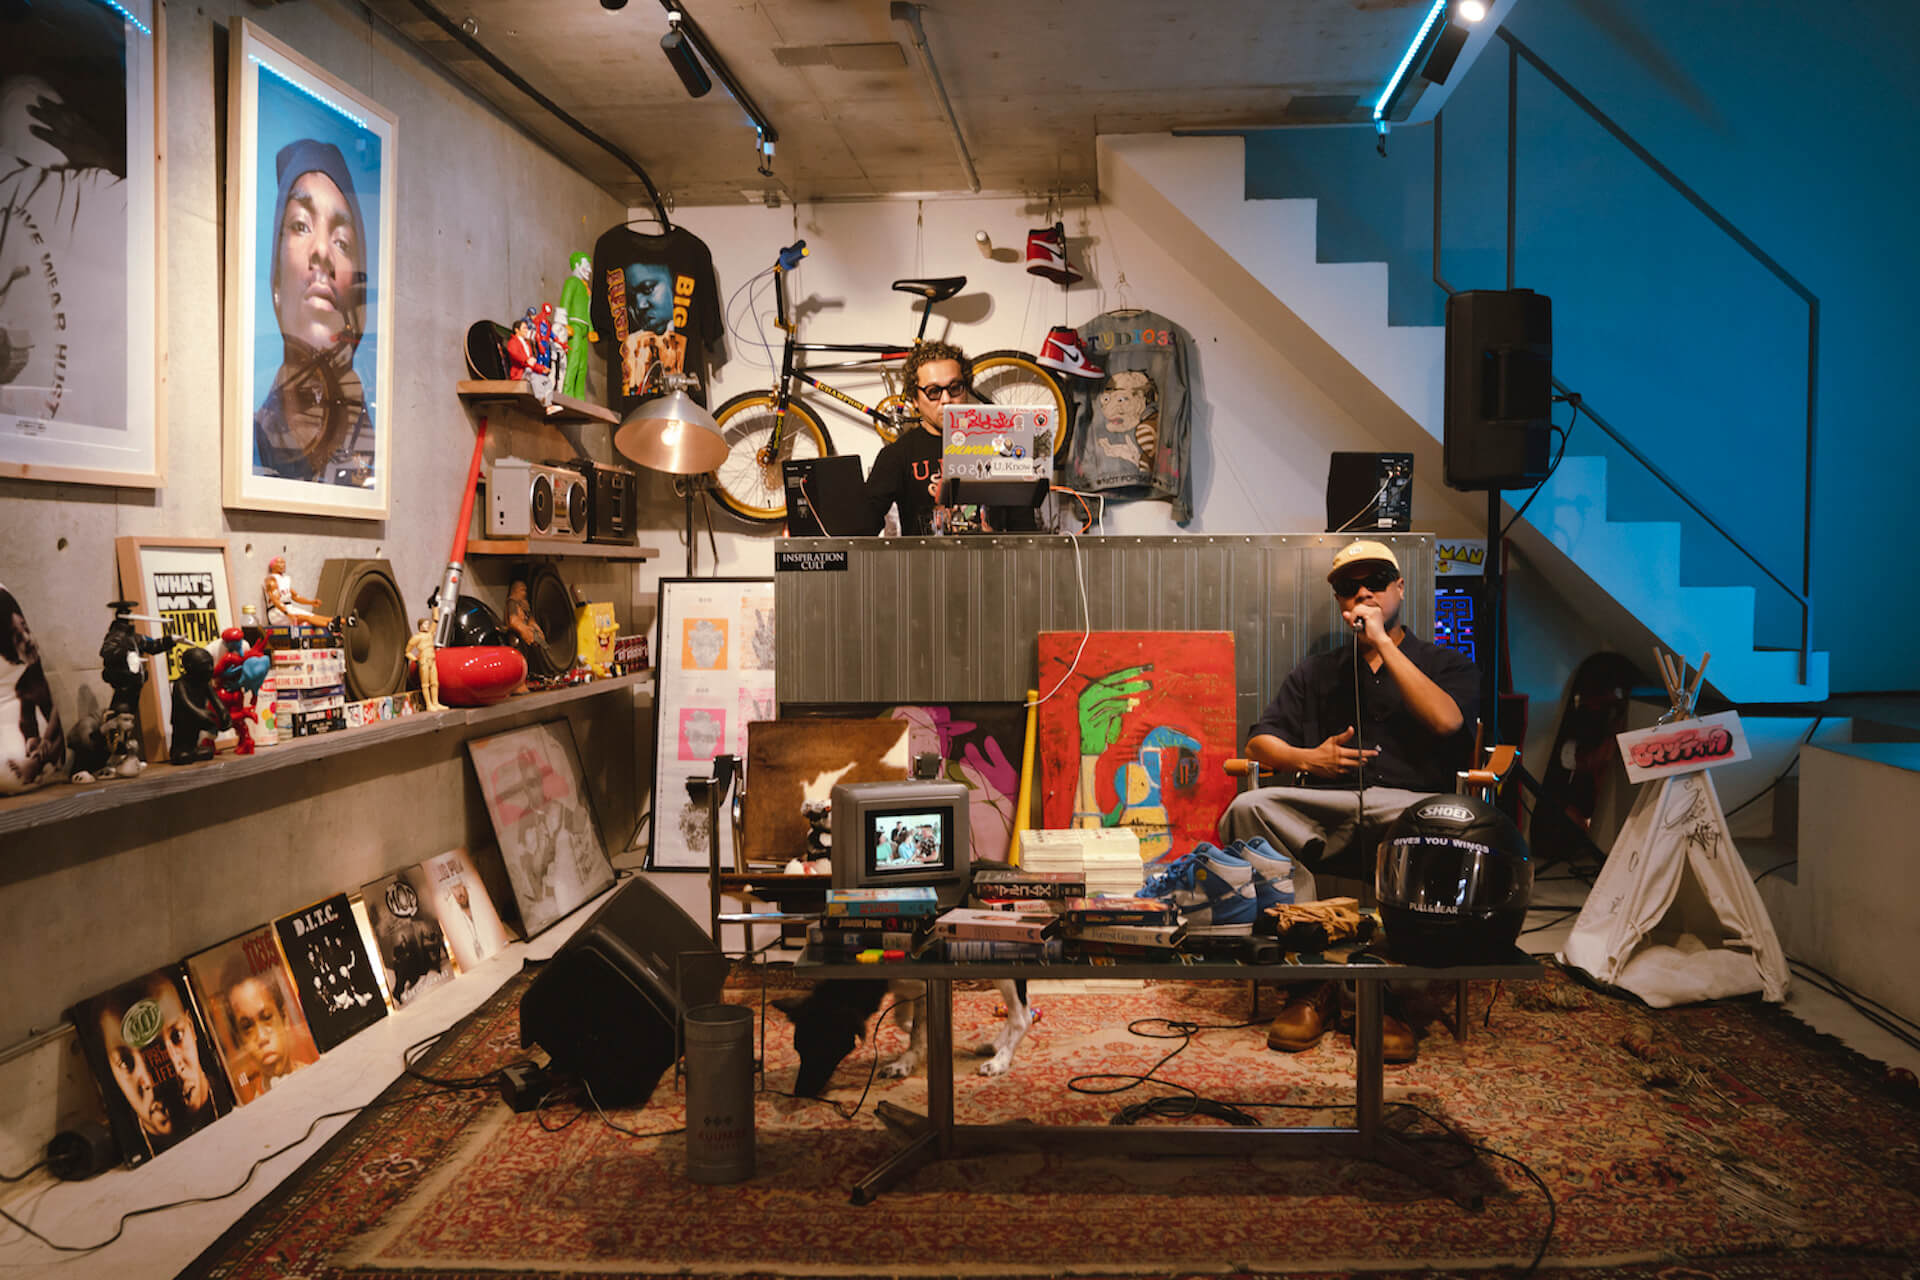 音楽ライブ番組『DOG HOUSE STUDIO』にて、Olive OilとMiles Wordからなるユニット・U_Knowのスペシャルライブ動画が公開! music20112_doghousestudio_4